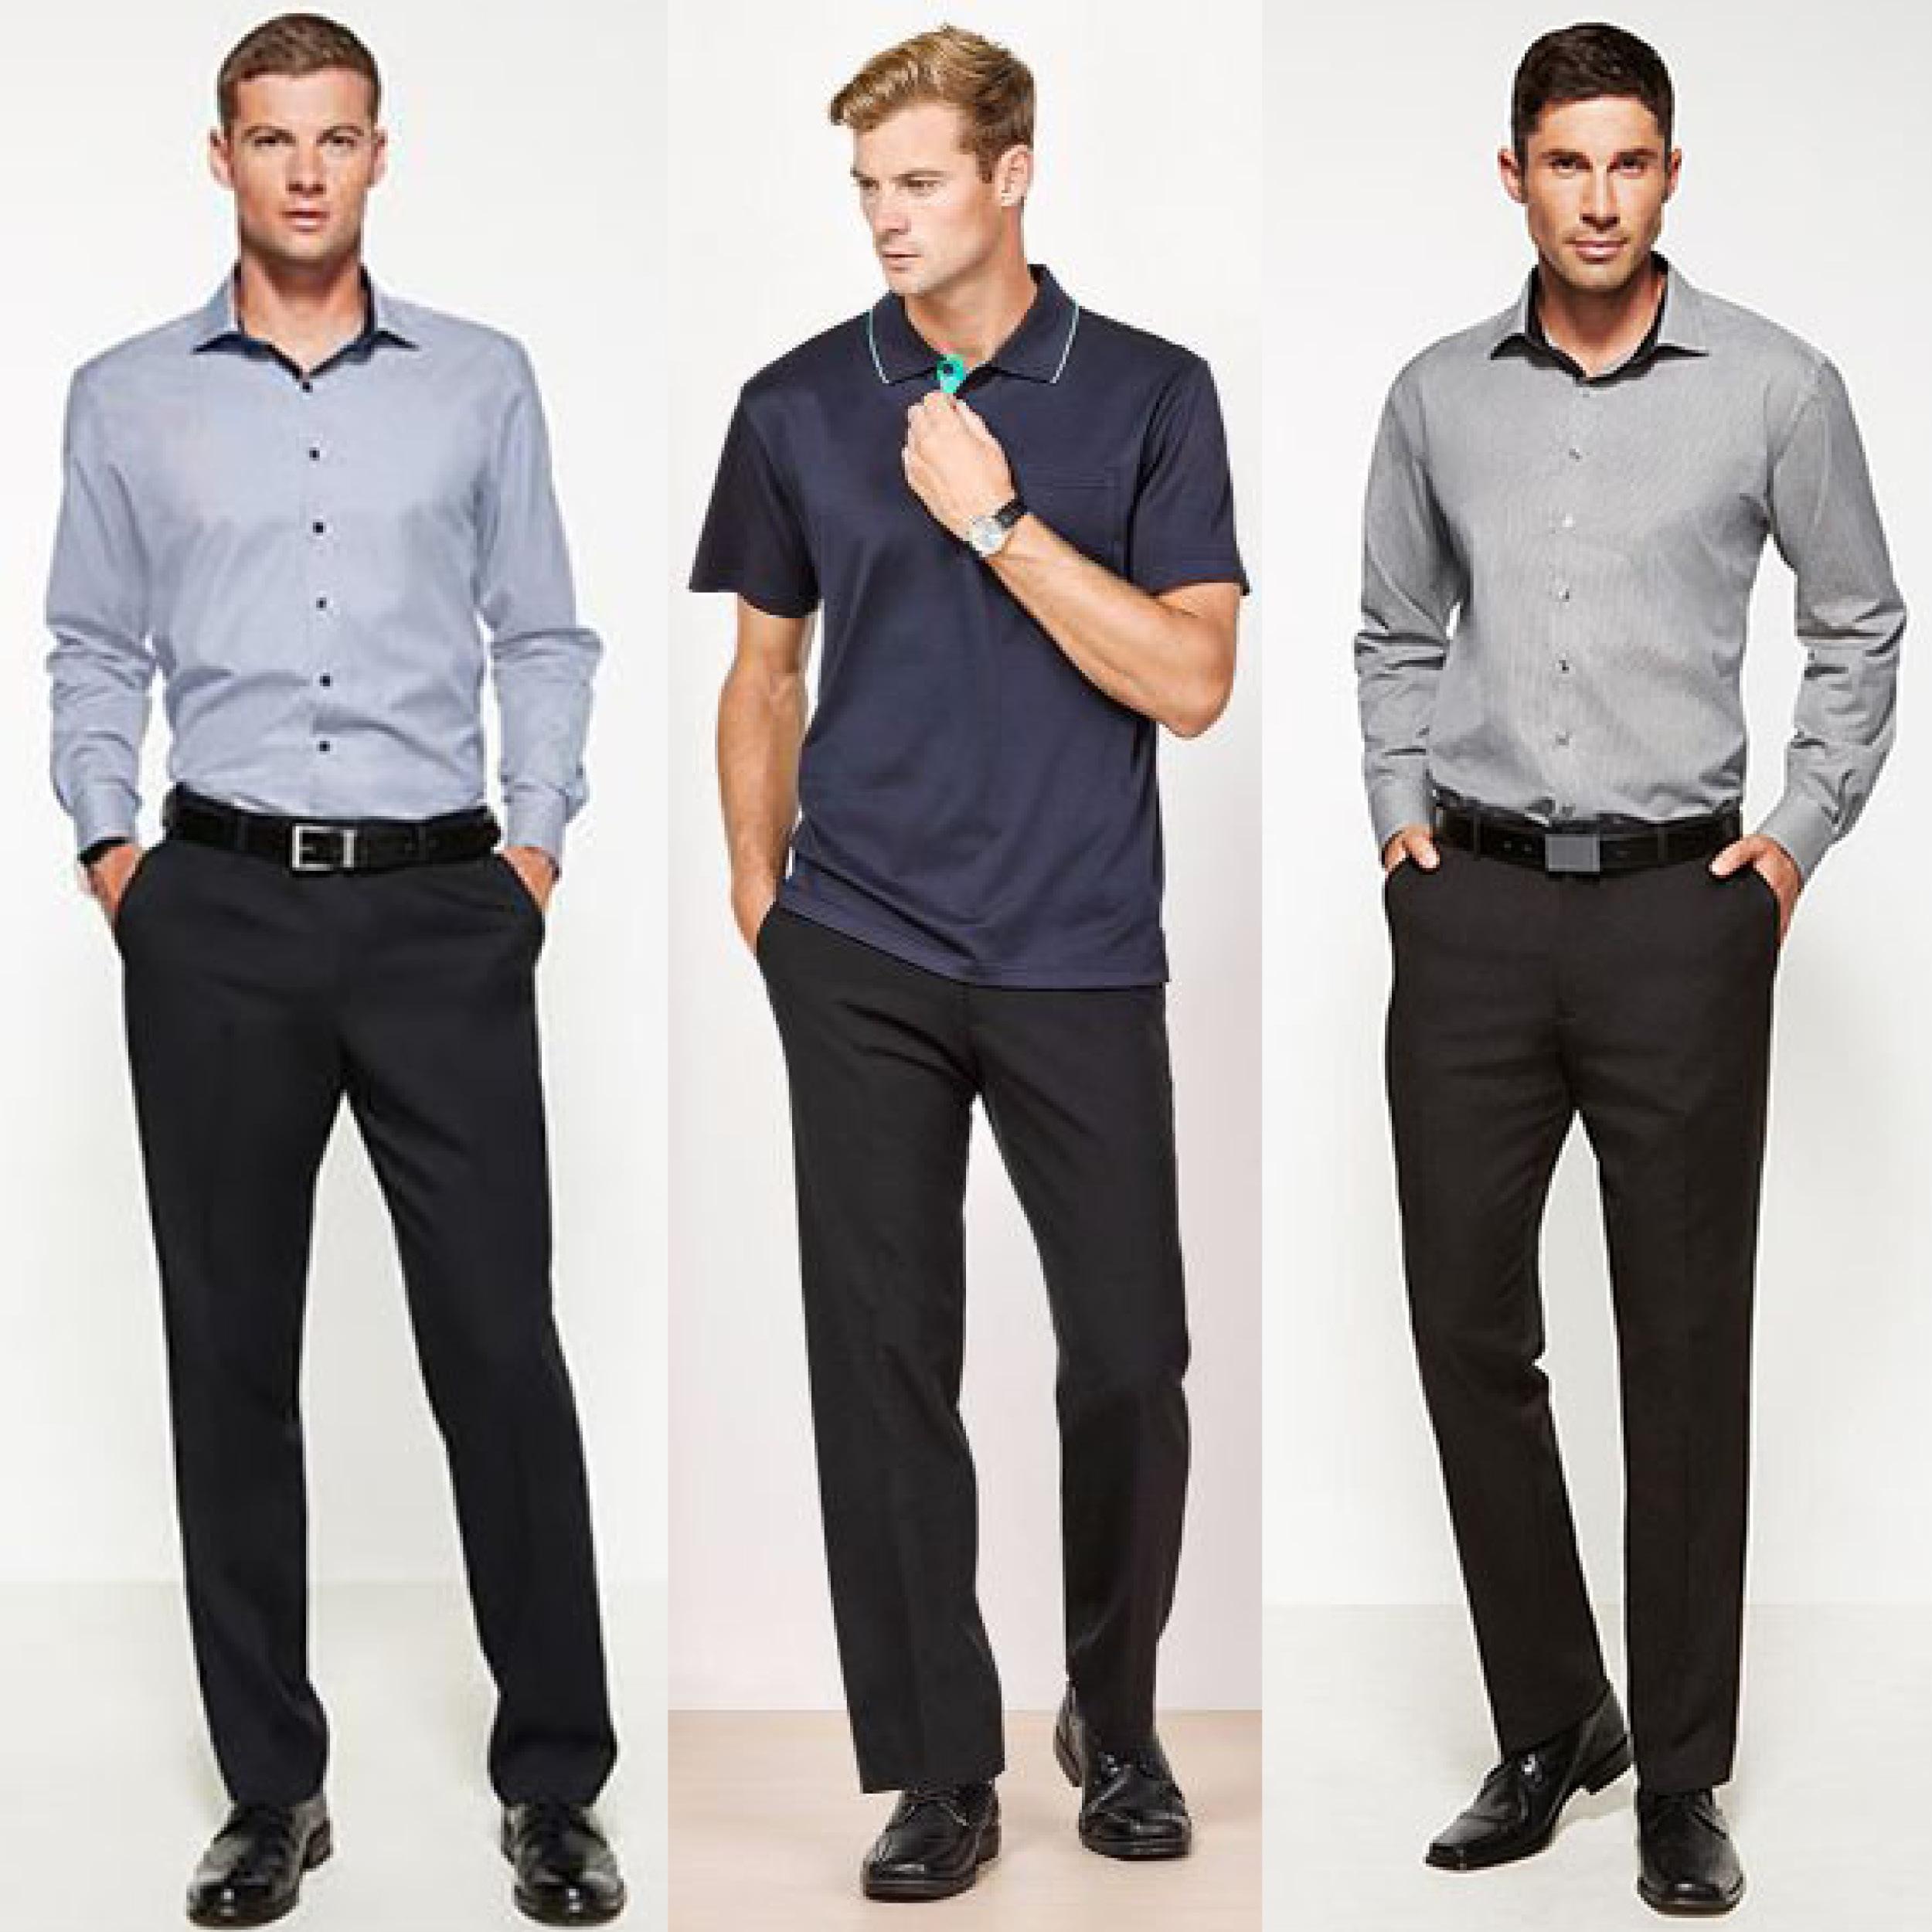 Biz Collection Pants